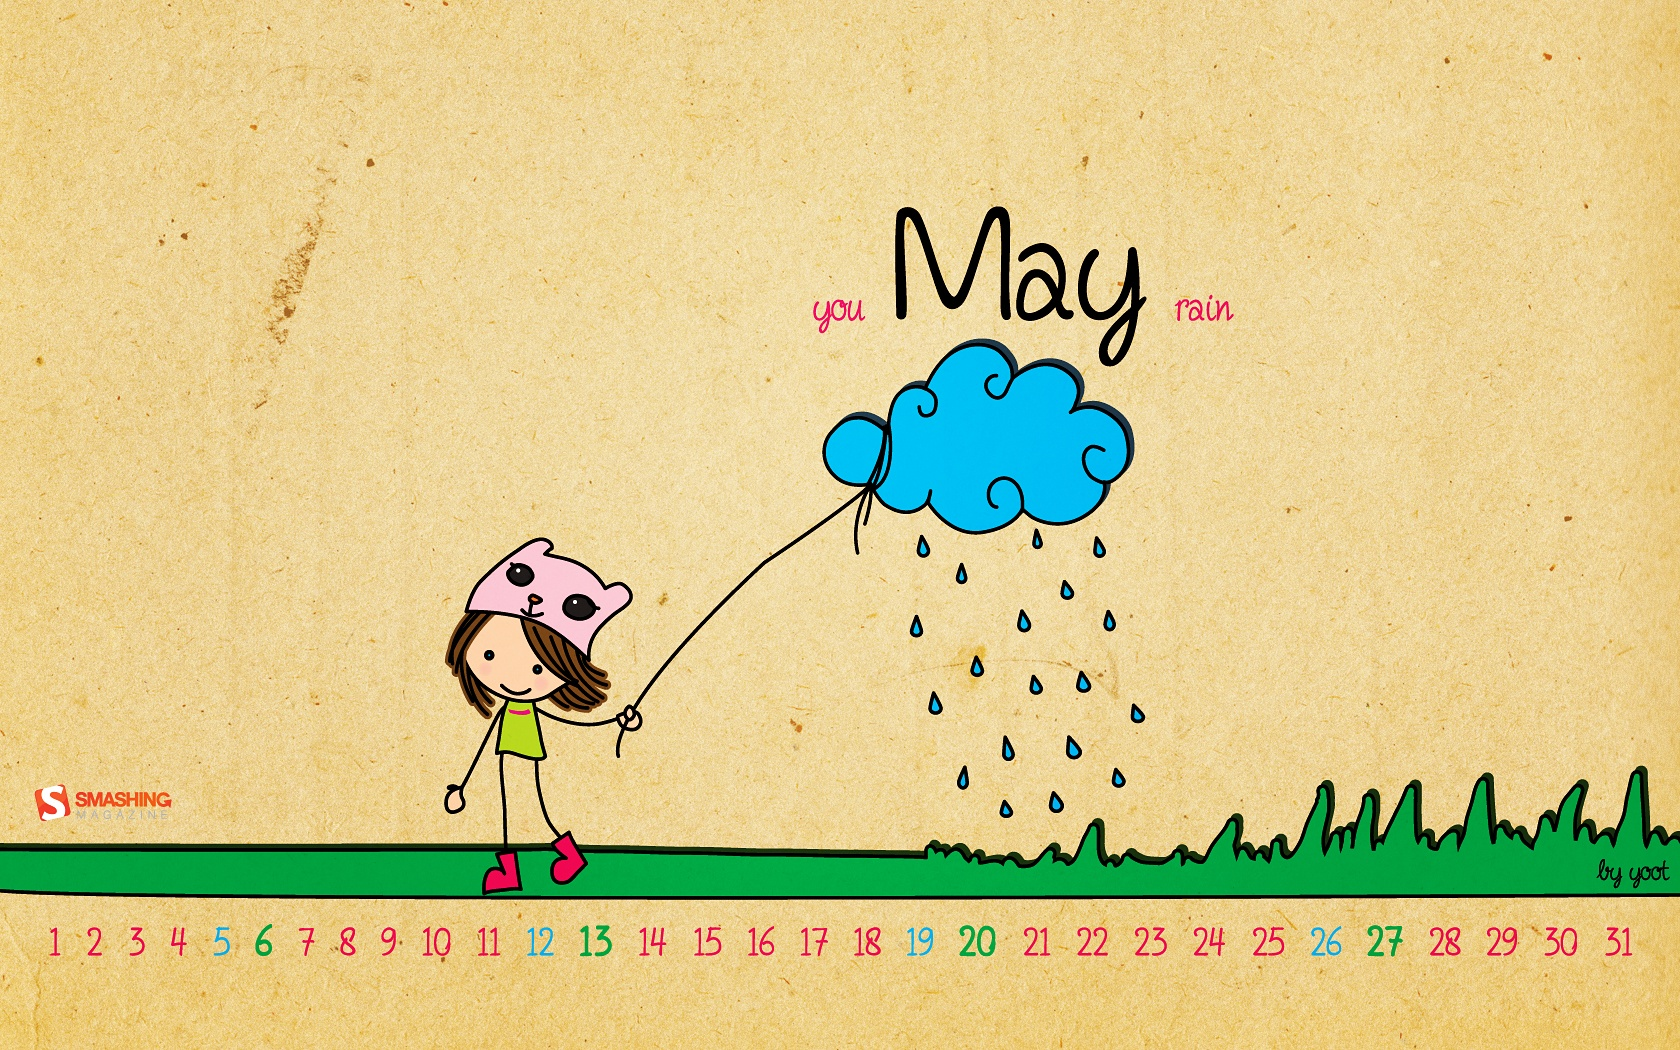 Desktop Wallpaper Calendars: May 2012 – Smashing Magazine